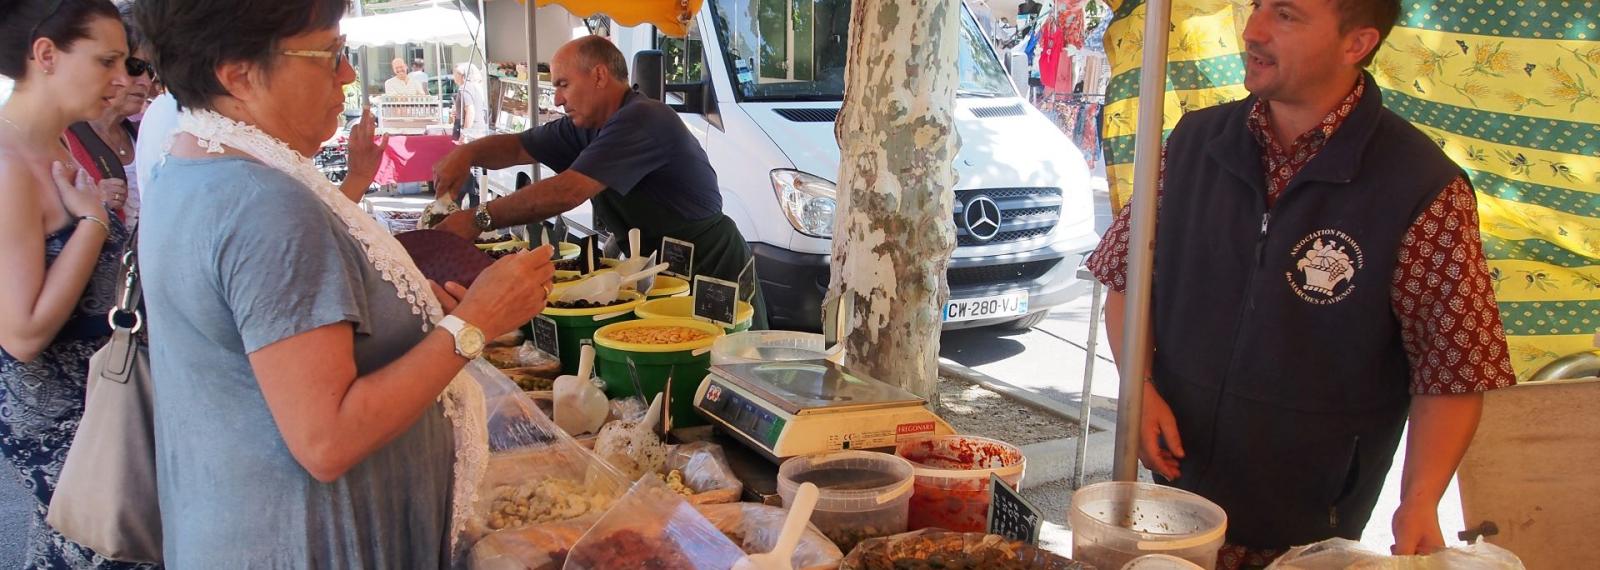 Marché provençal Fontvieille